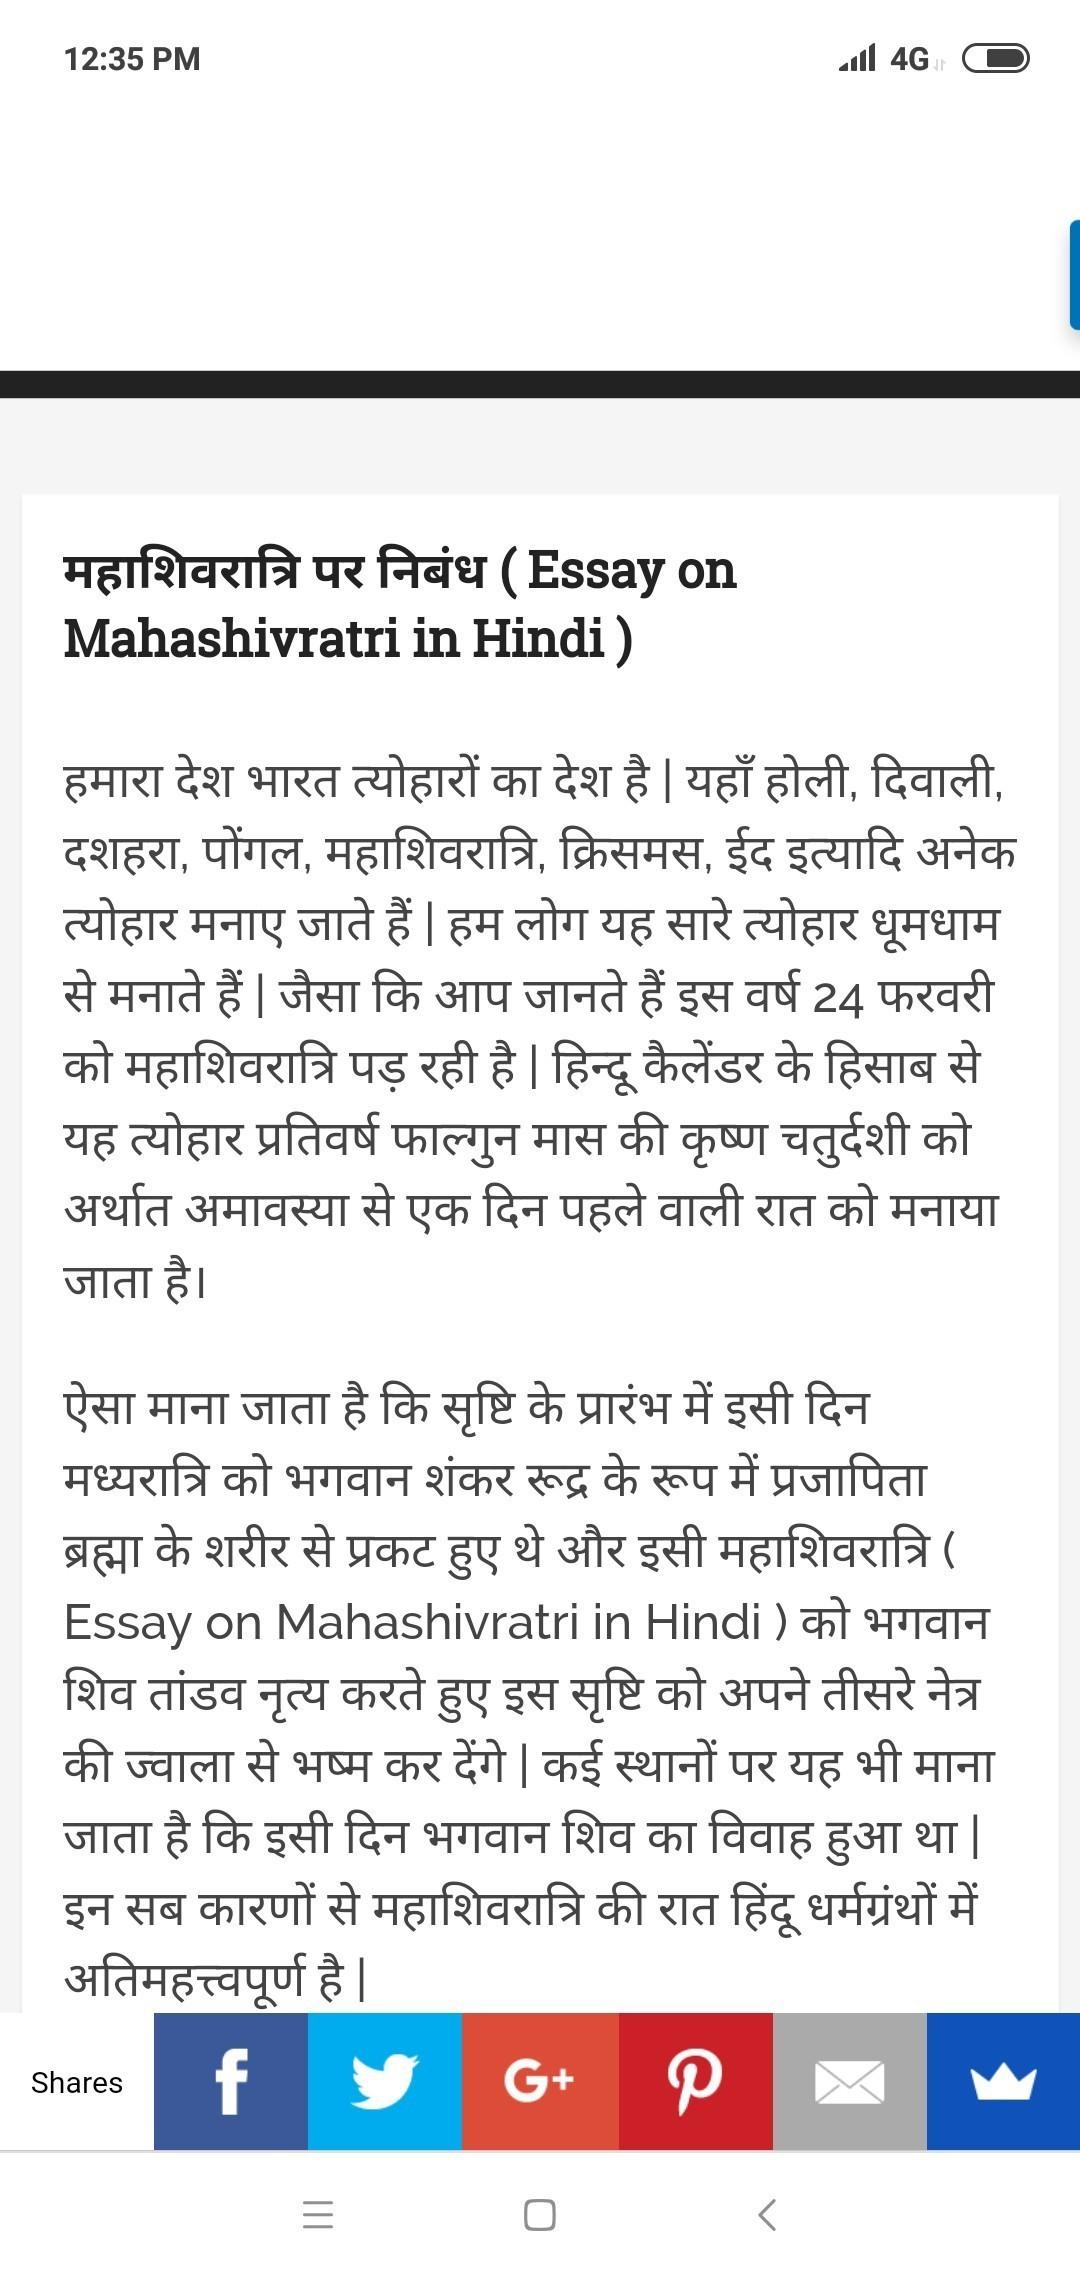 mahashivratri in hindi essay